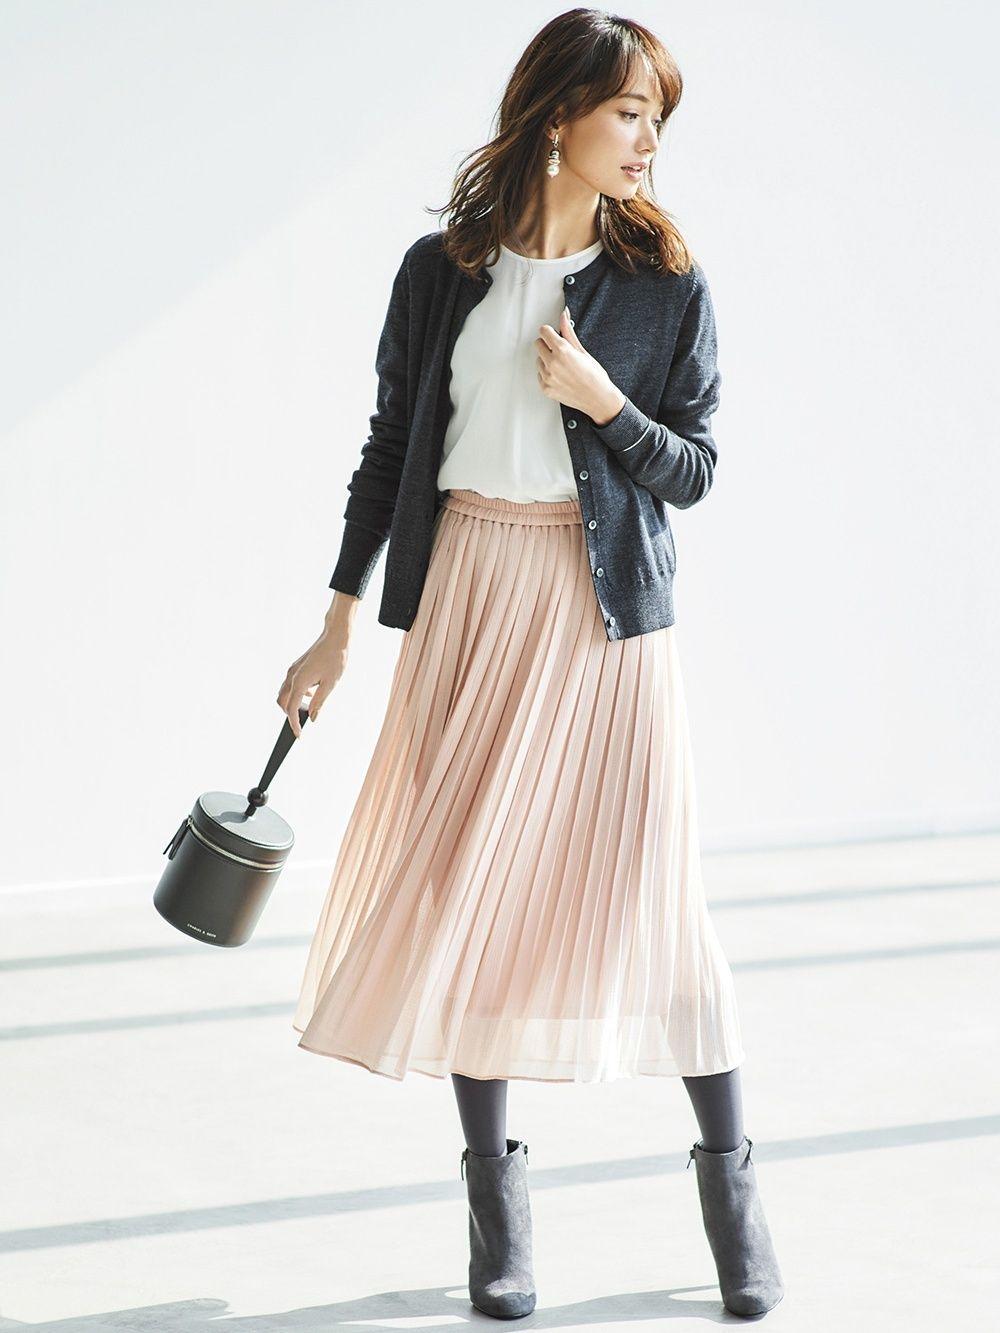 f4069a276 WOMEN HIGH WAIST CHIFFON PLEATED SKIRT | UNIQLO UK | Style ...